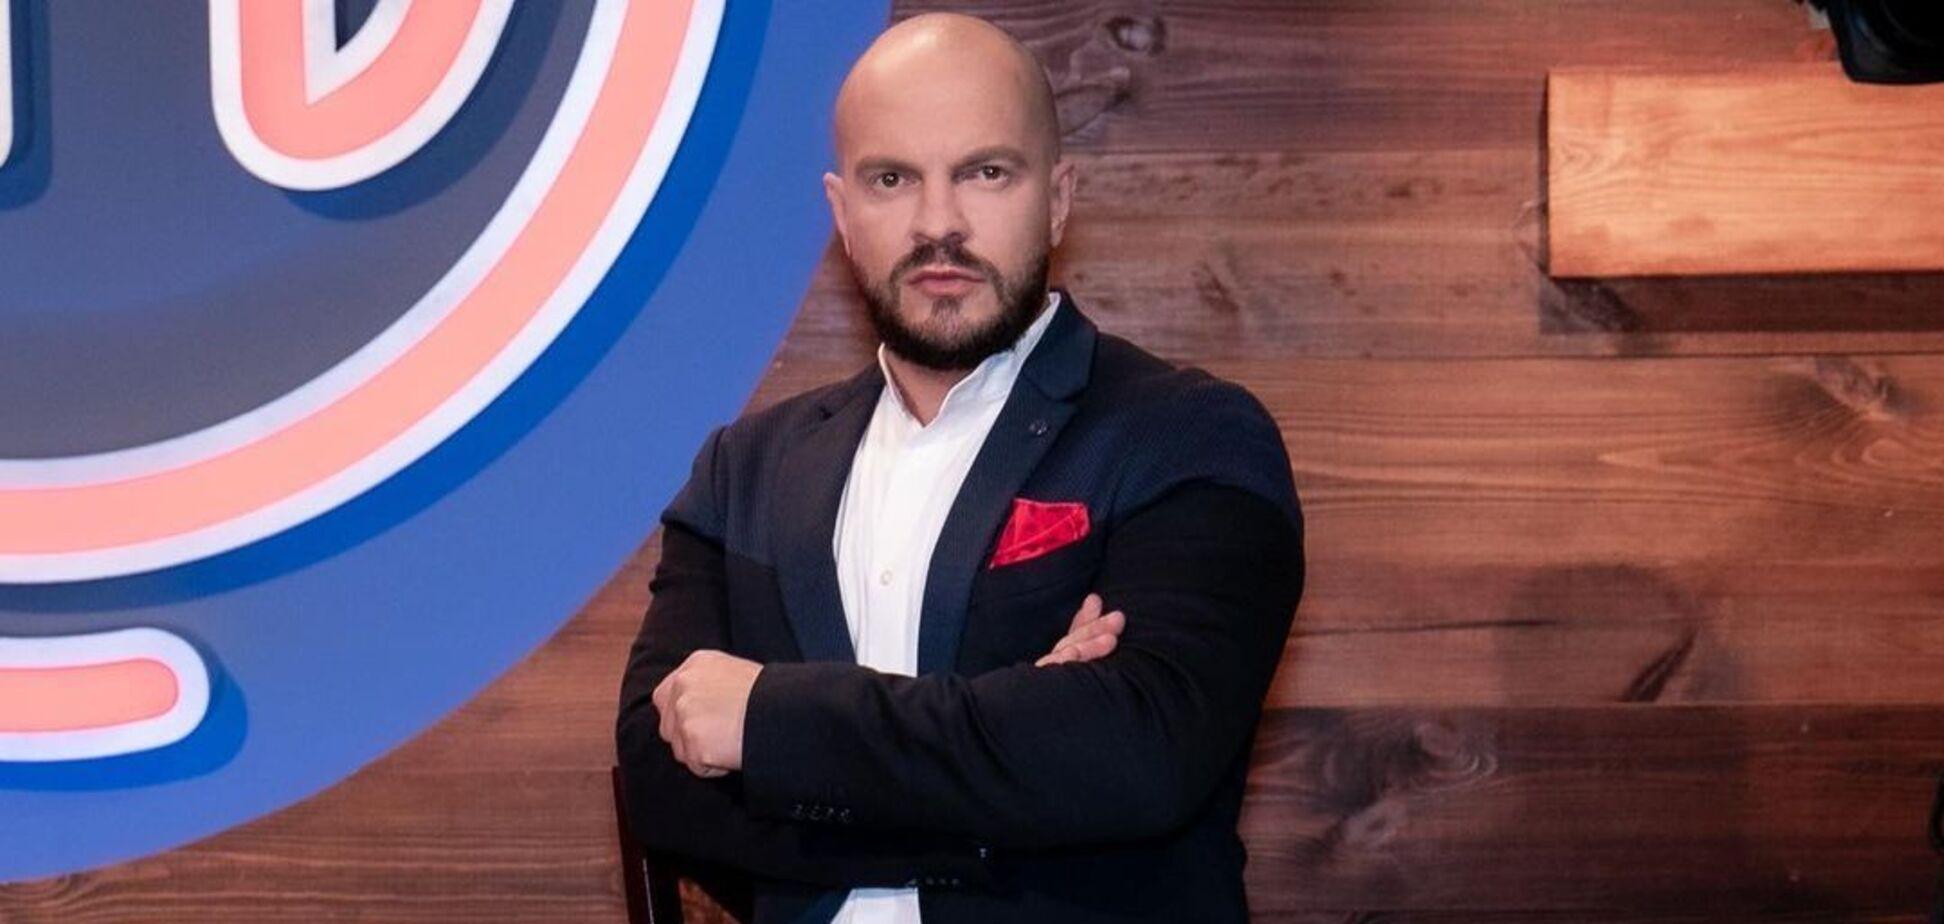 Суддя 'МастерШефа' Володимир Ярославський